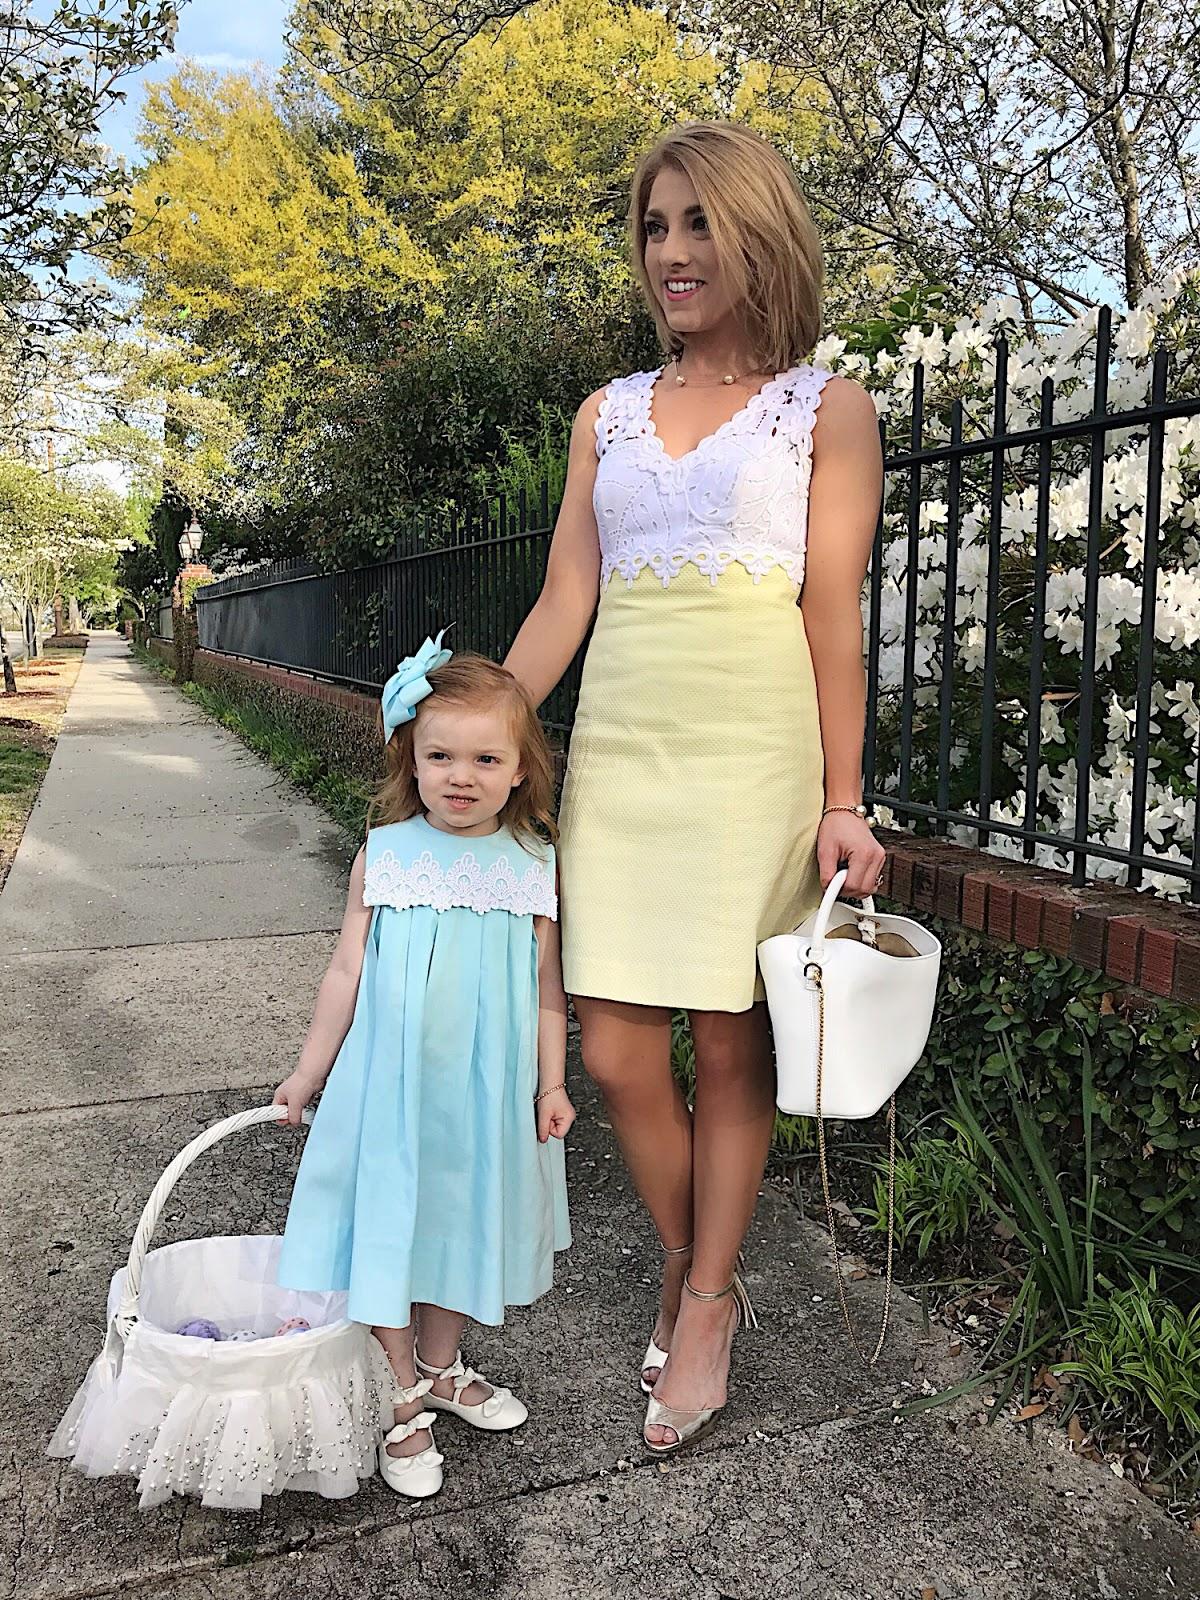 Lilly Pulitzer Sandi Stretch Shift Dress - Something Delightful Blog